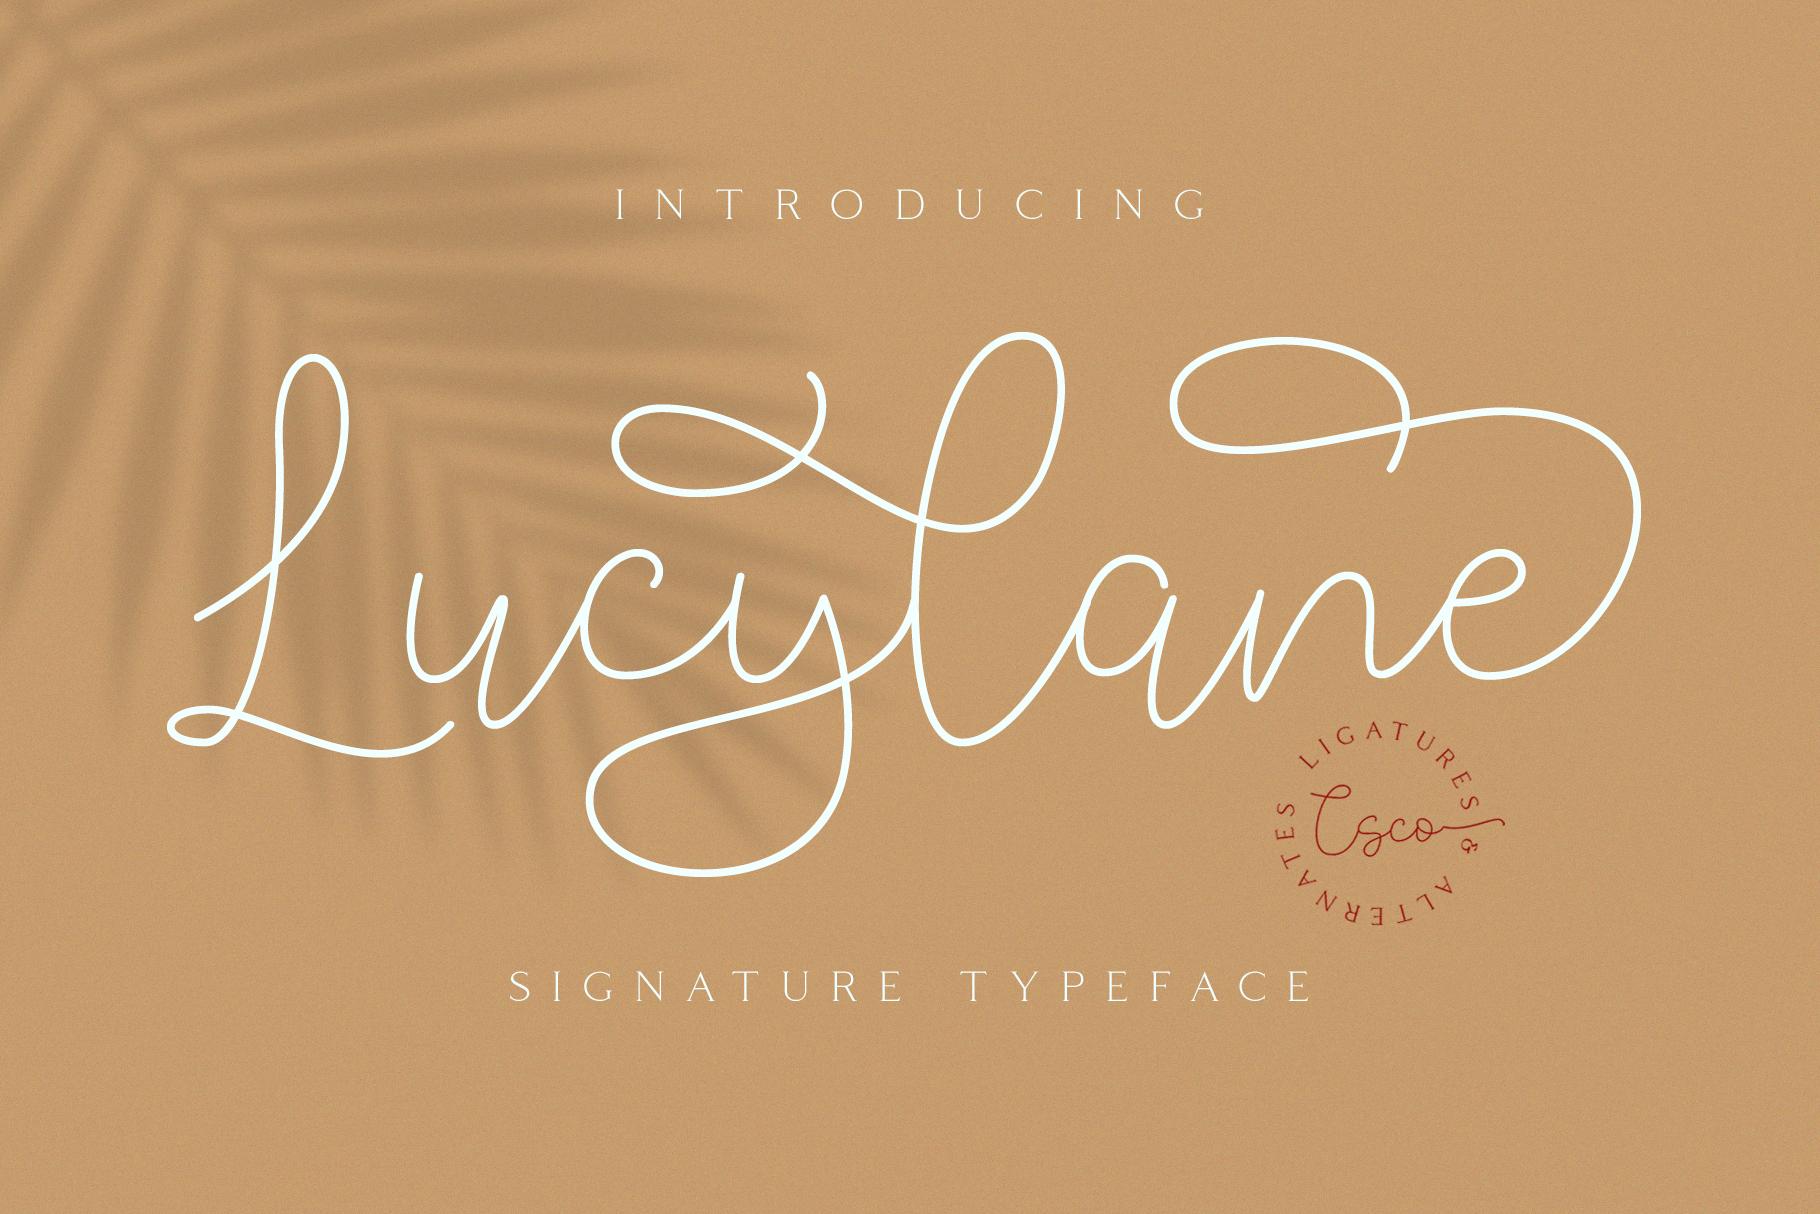 Lucylane - Signature Typeface example image 2